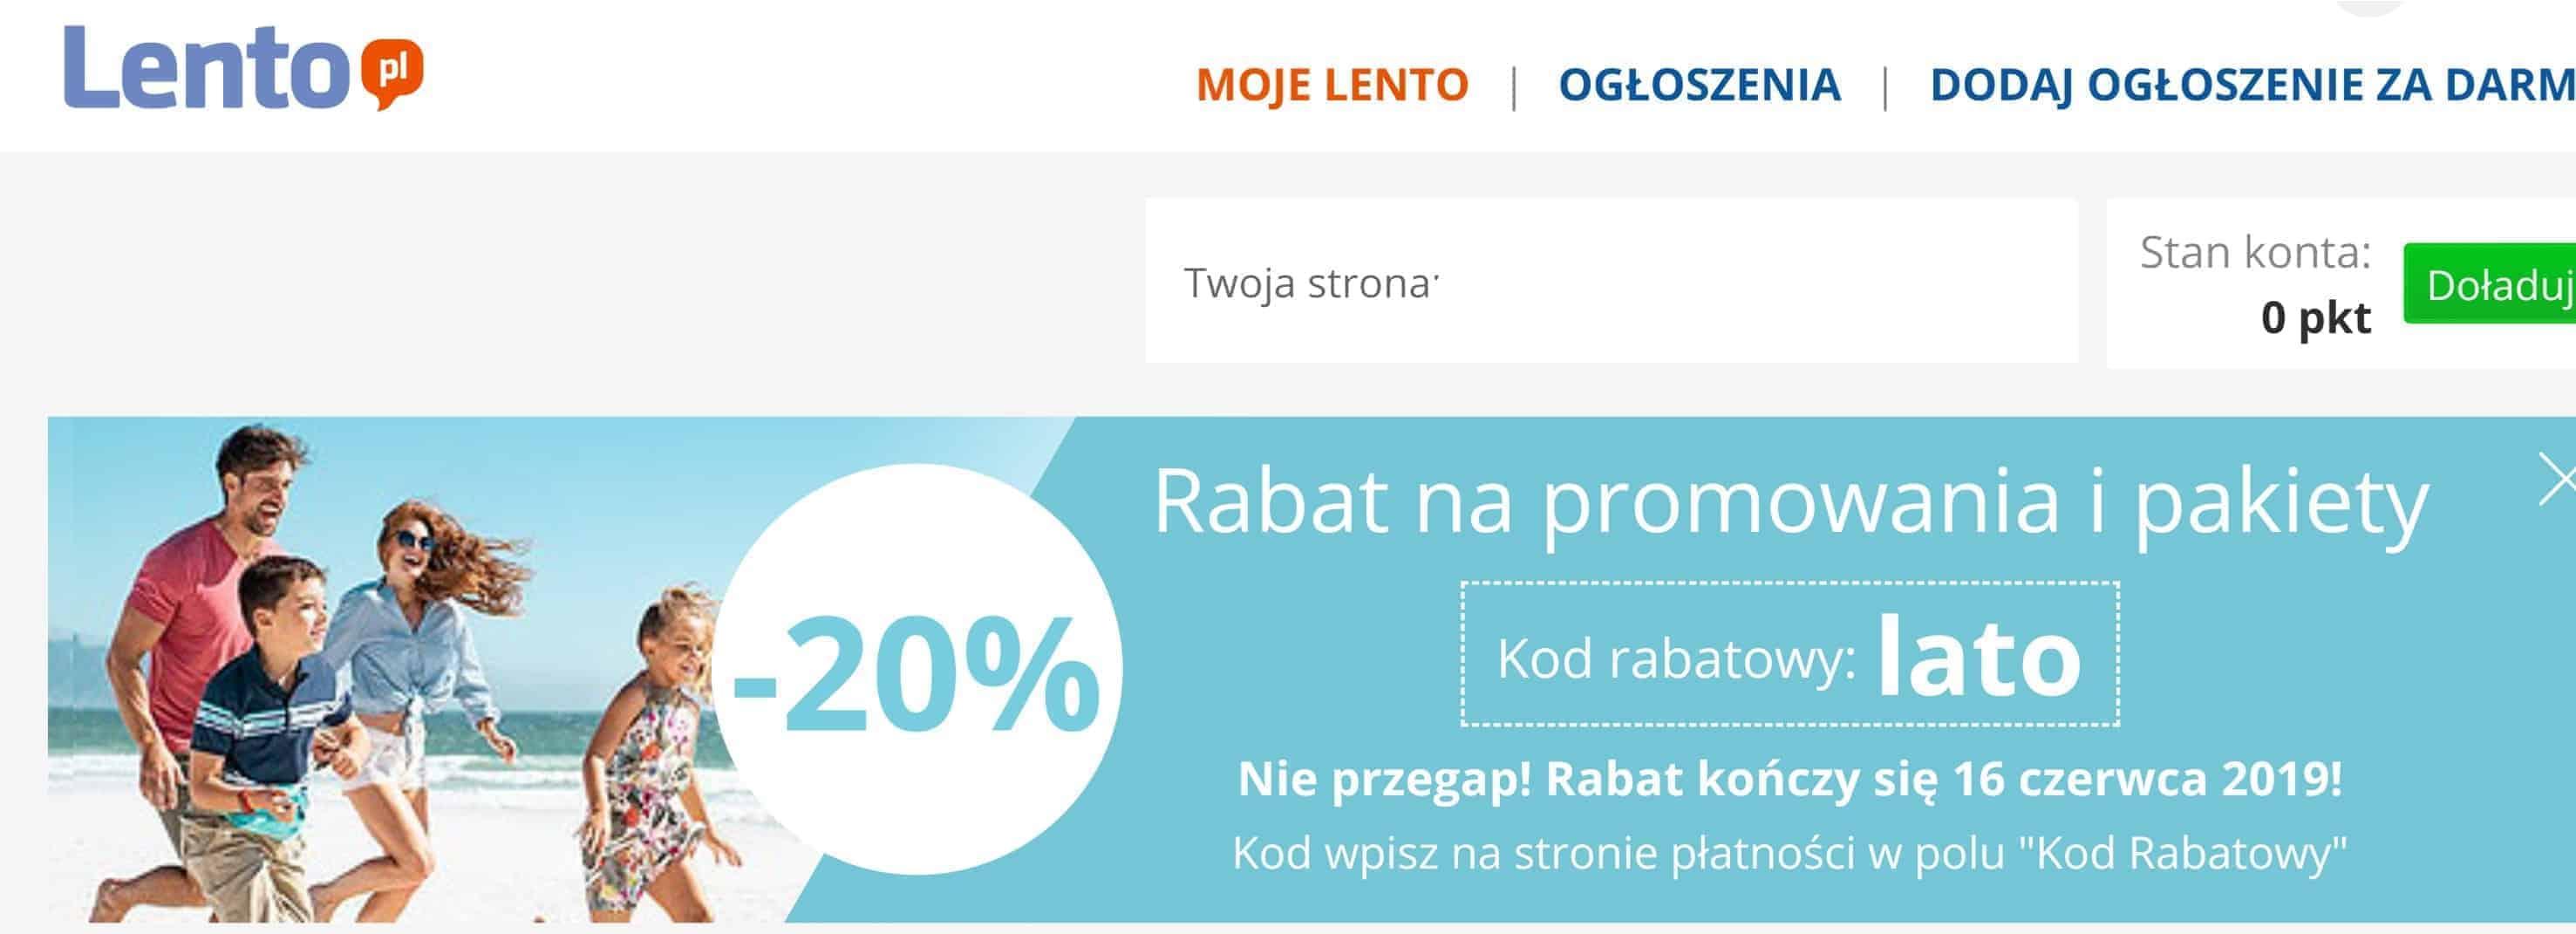 Lento.pl kod rabatowy